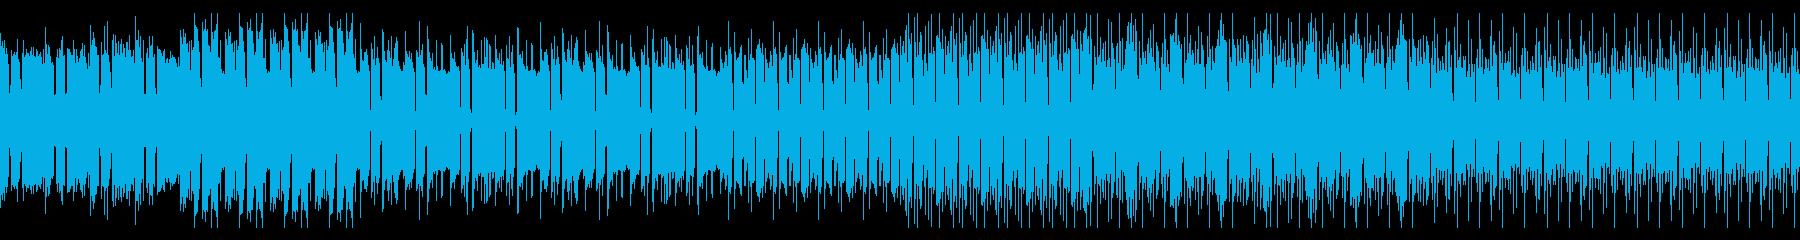 不思議なディープテクノの再生済みの波形